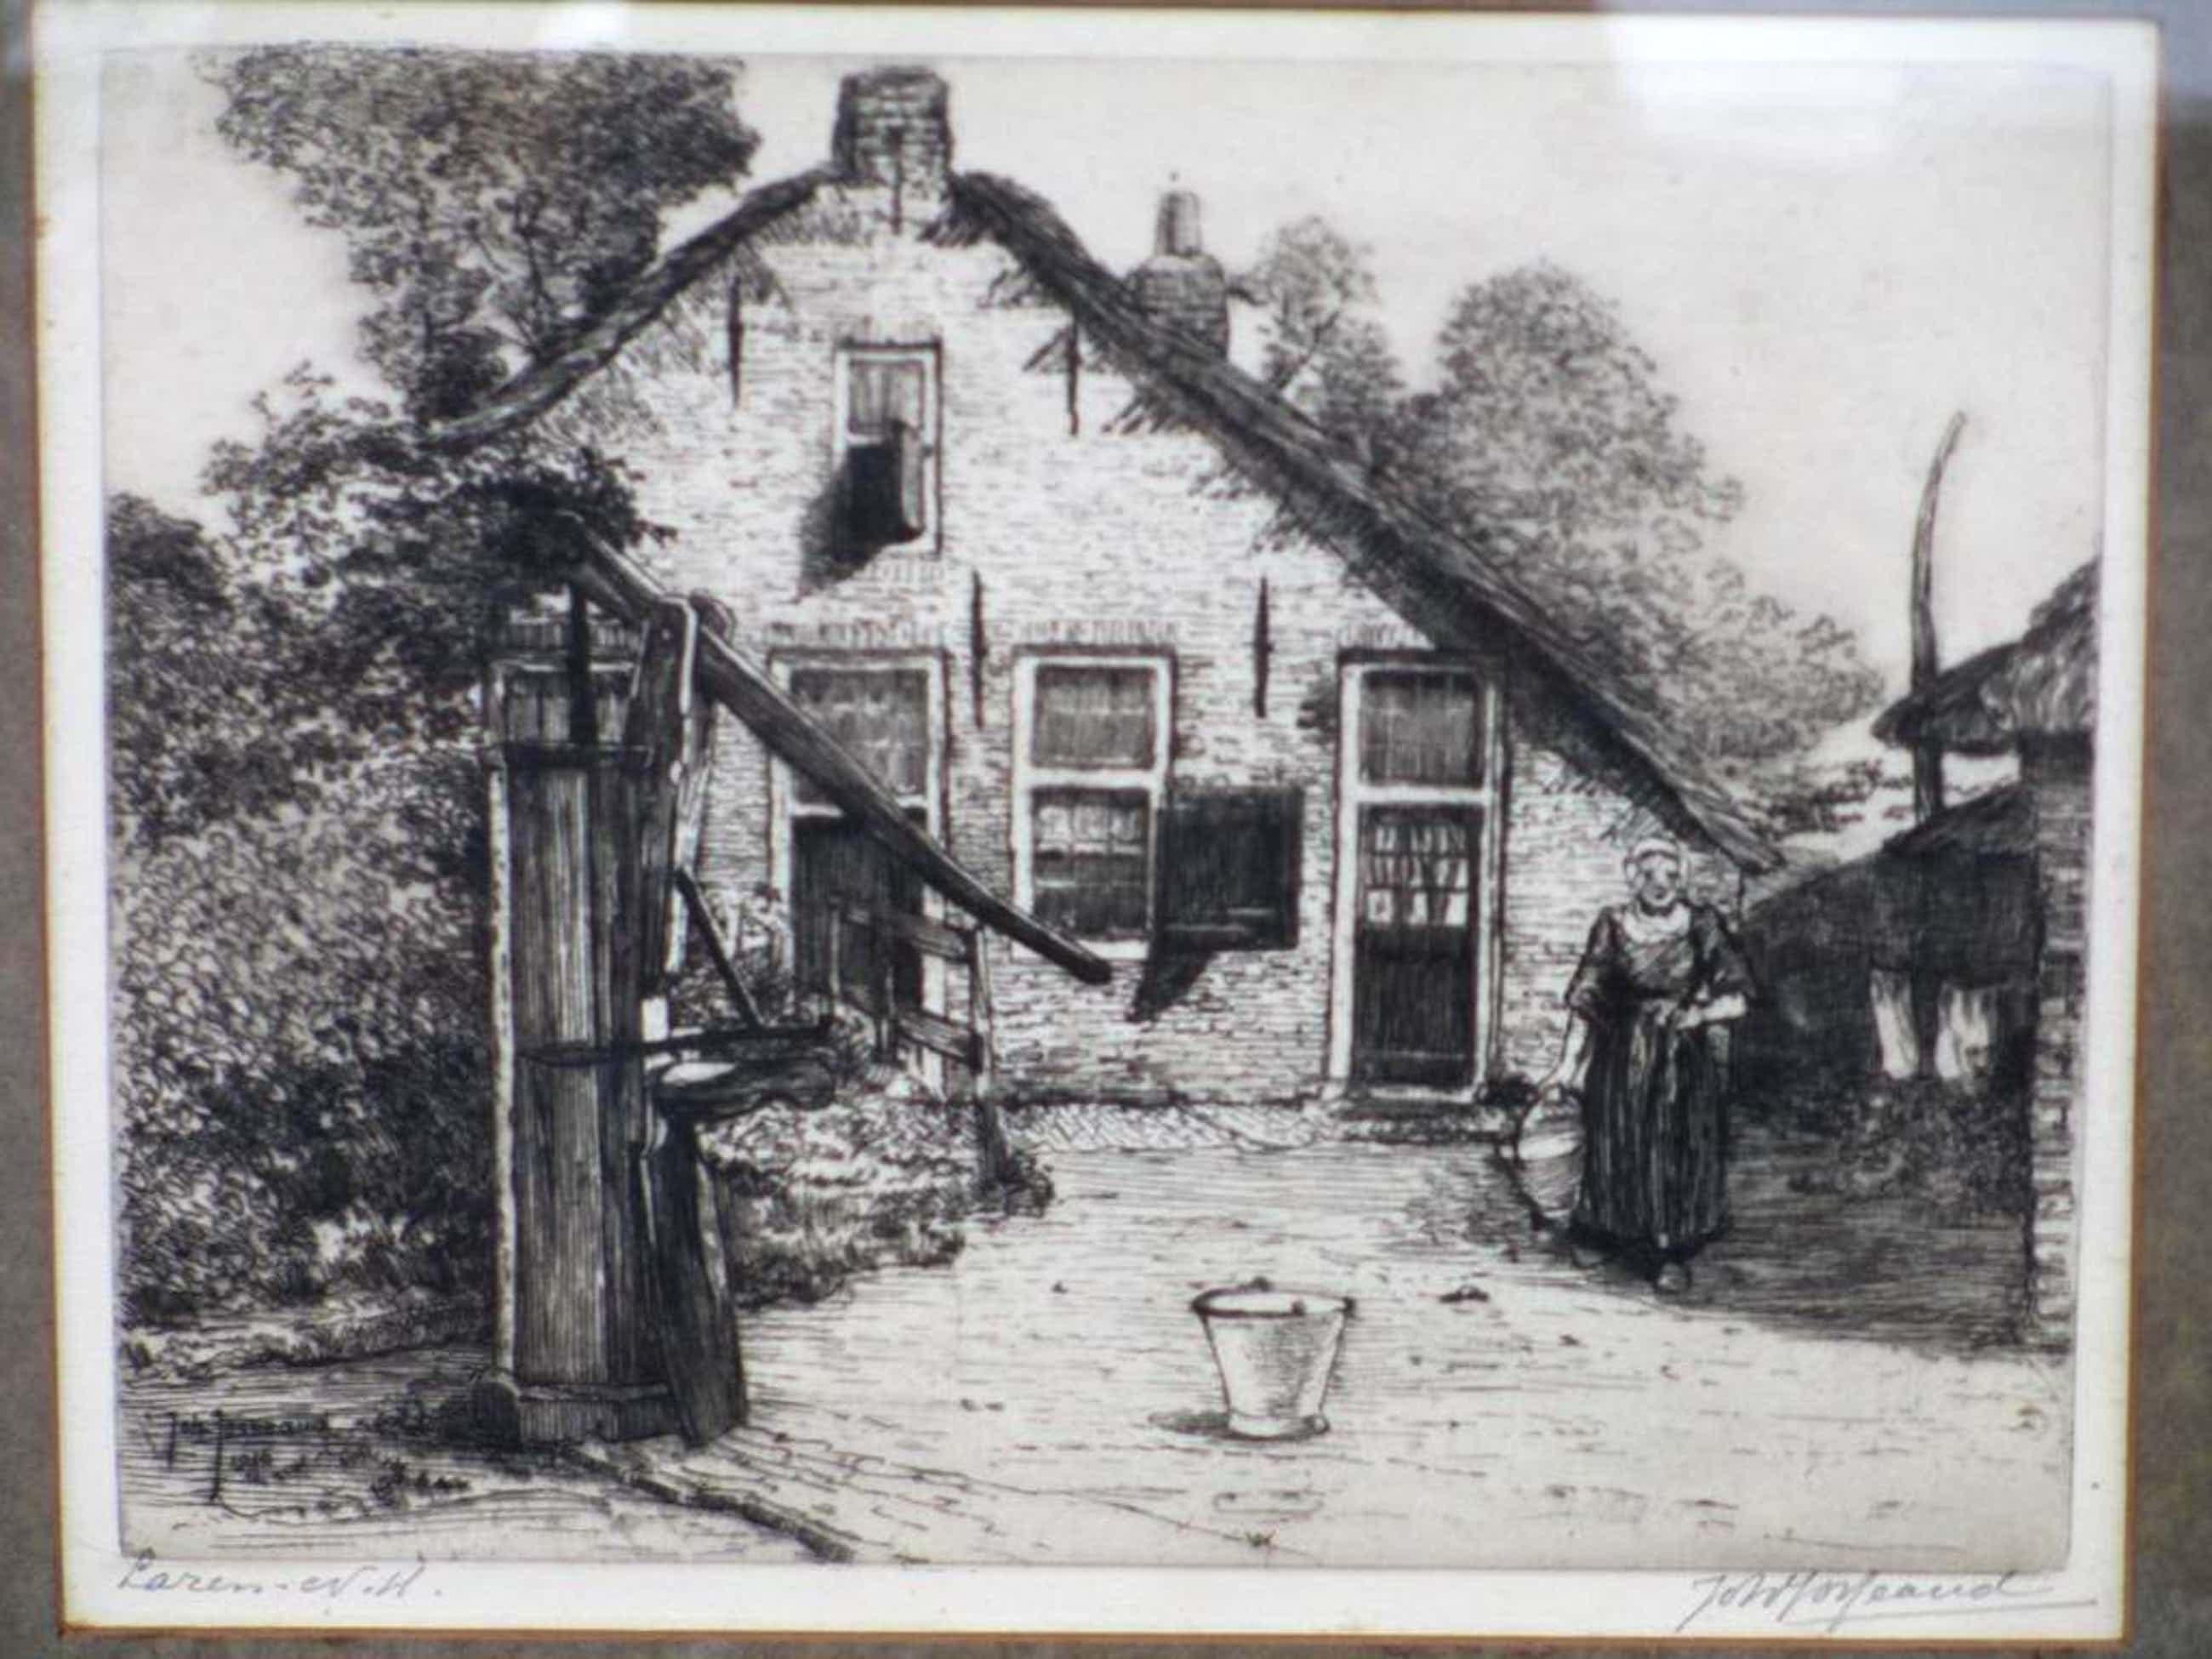 Johannes Josseaud, Boerenerf Laren, Ets 1916 kopen? Bied vanaf 50!